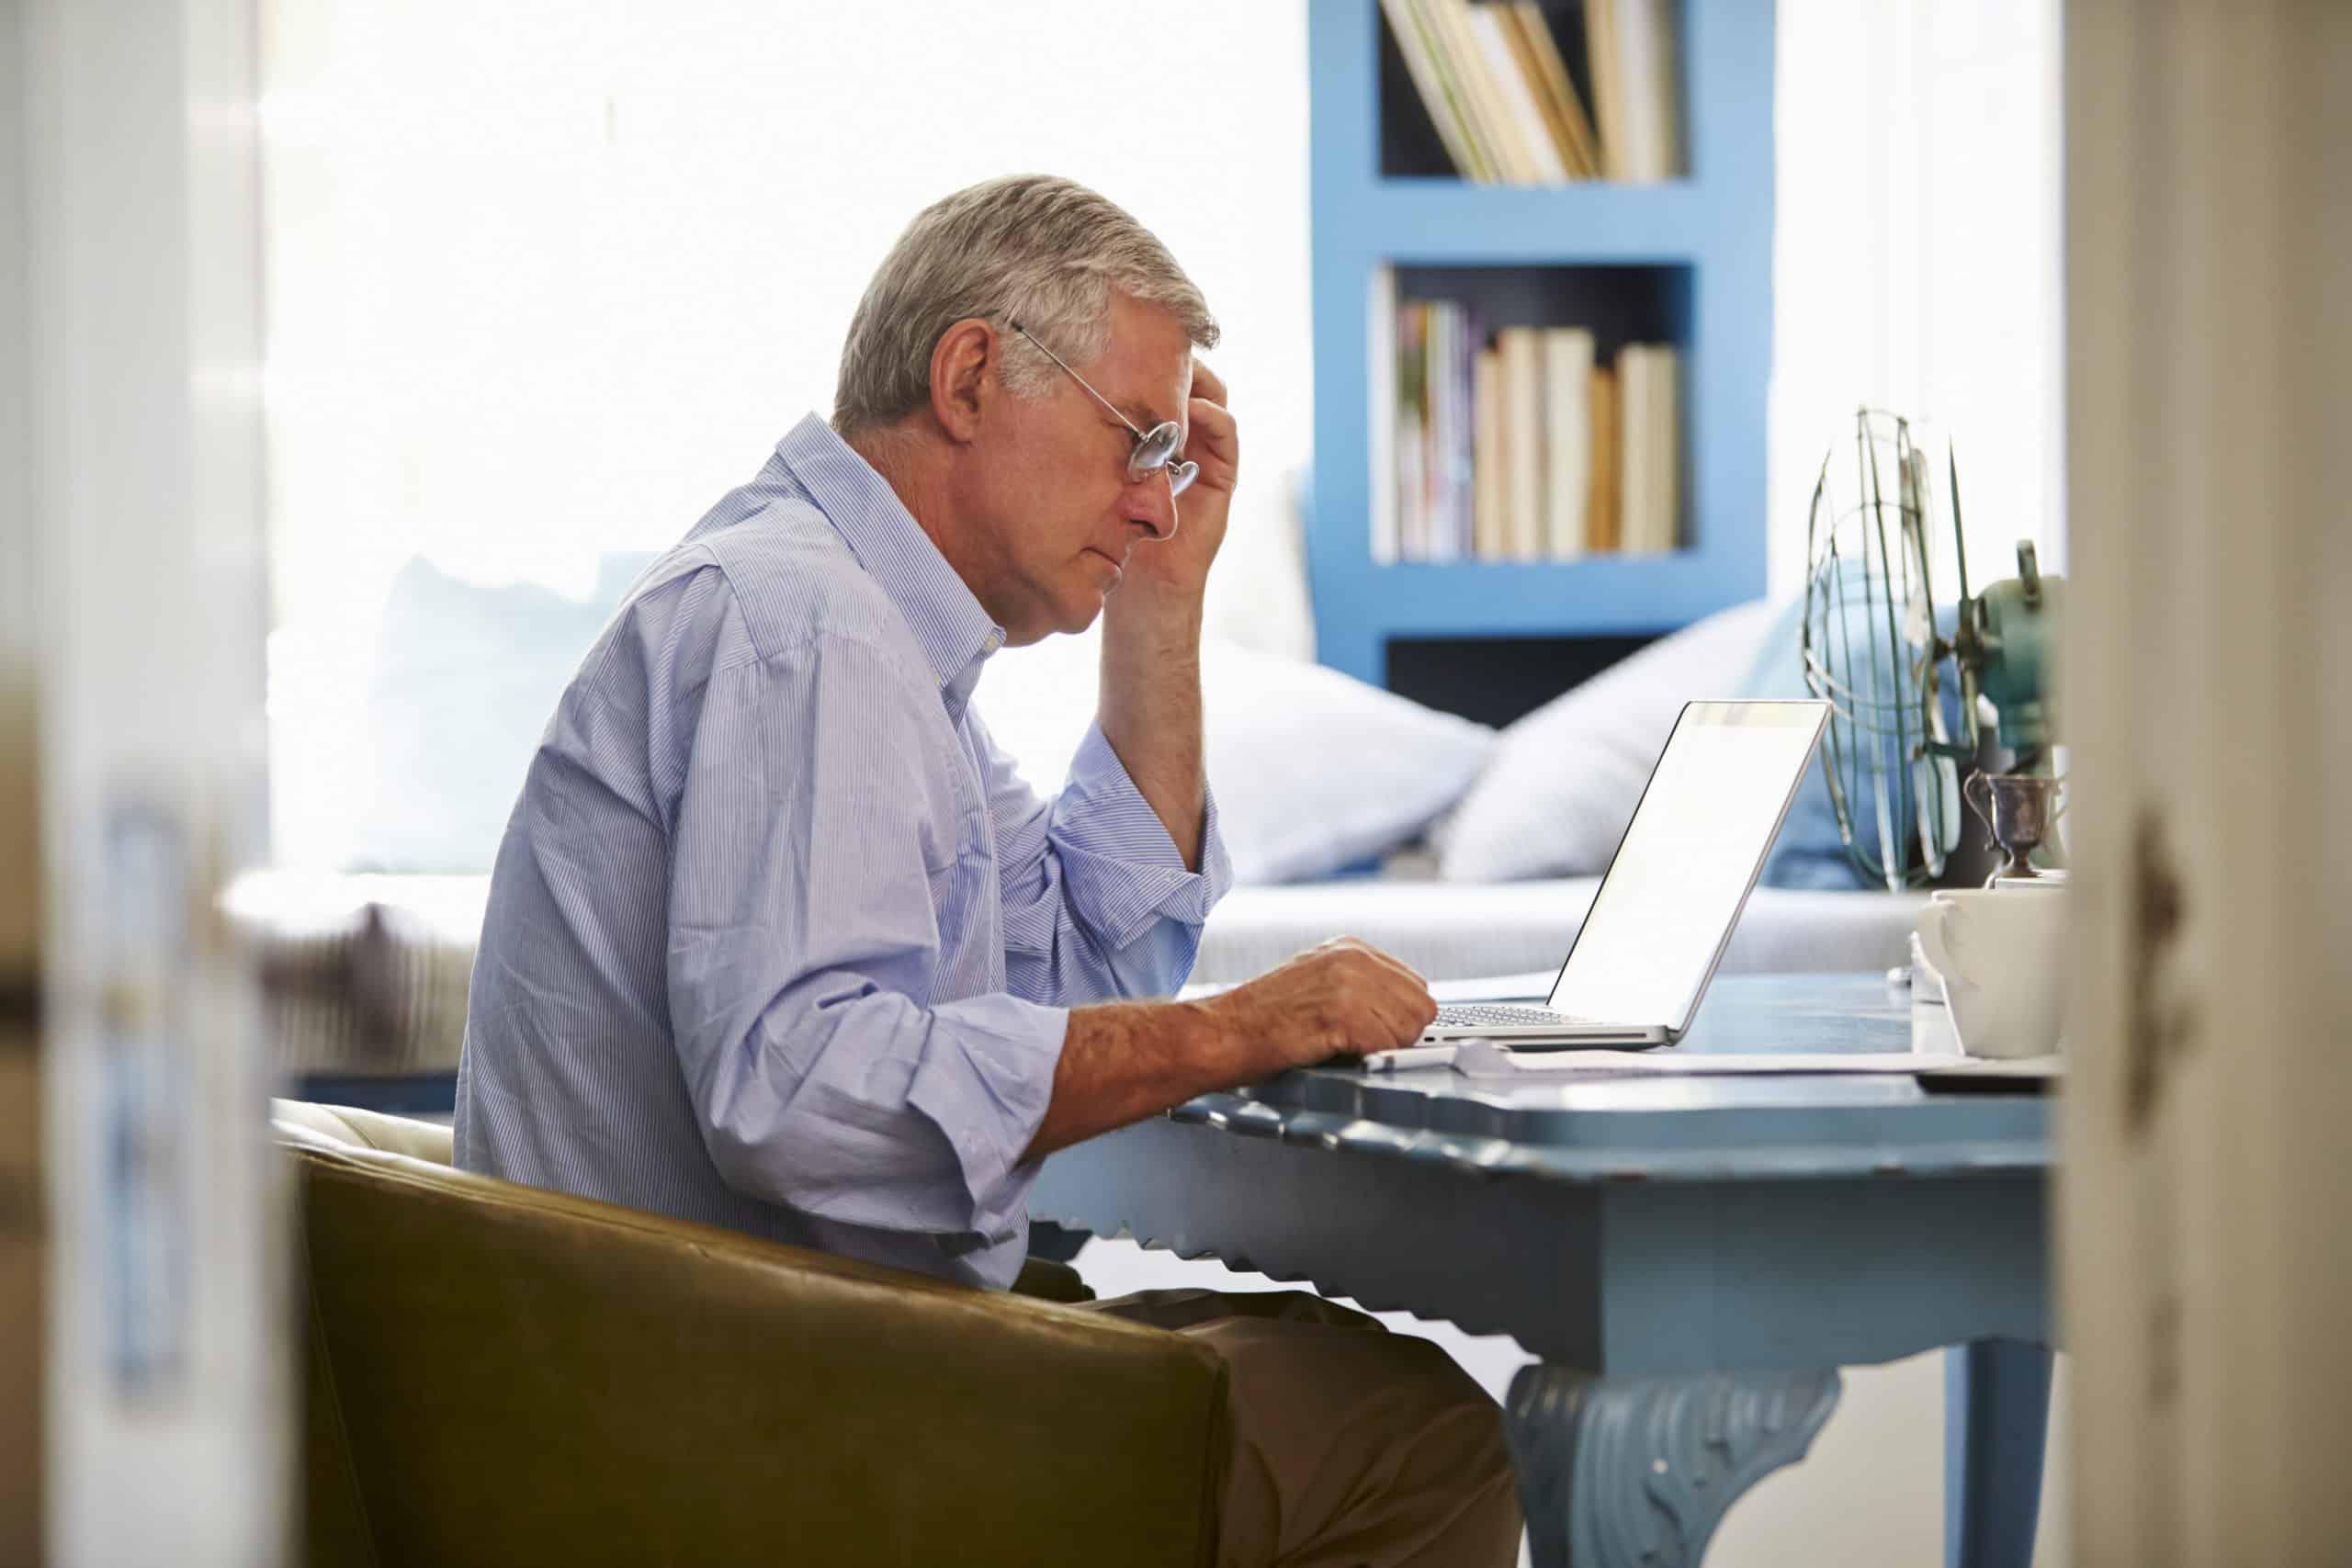 La retraite progressive : travailler à temps partiel et percevoir une partie de sa retraite